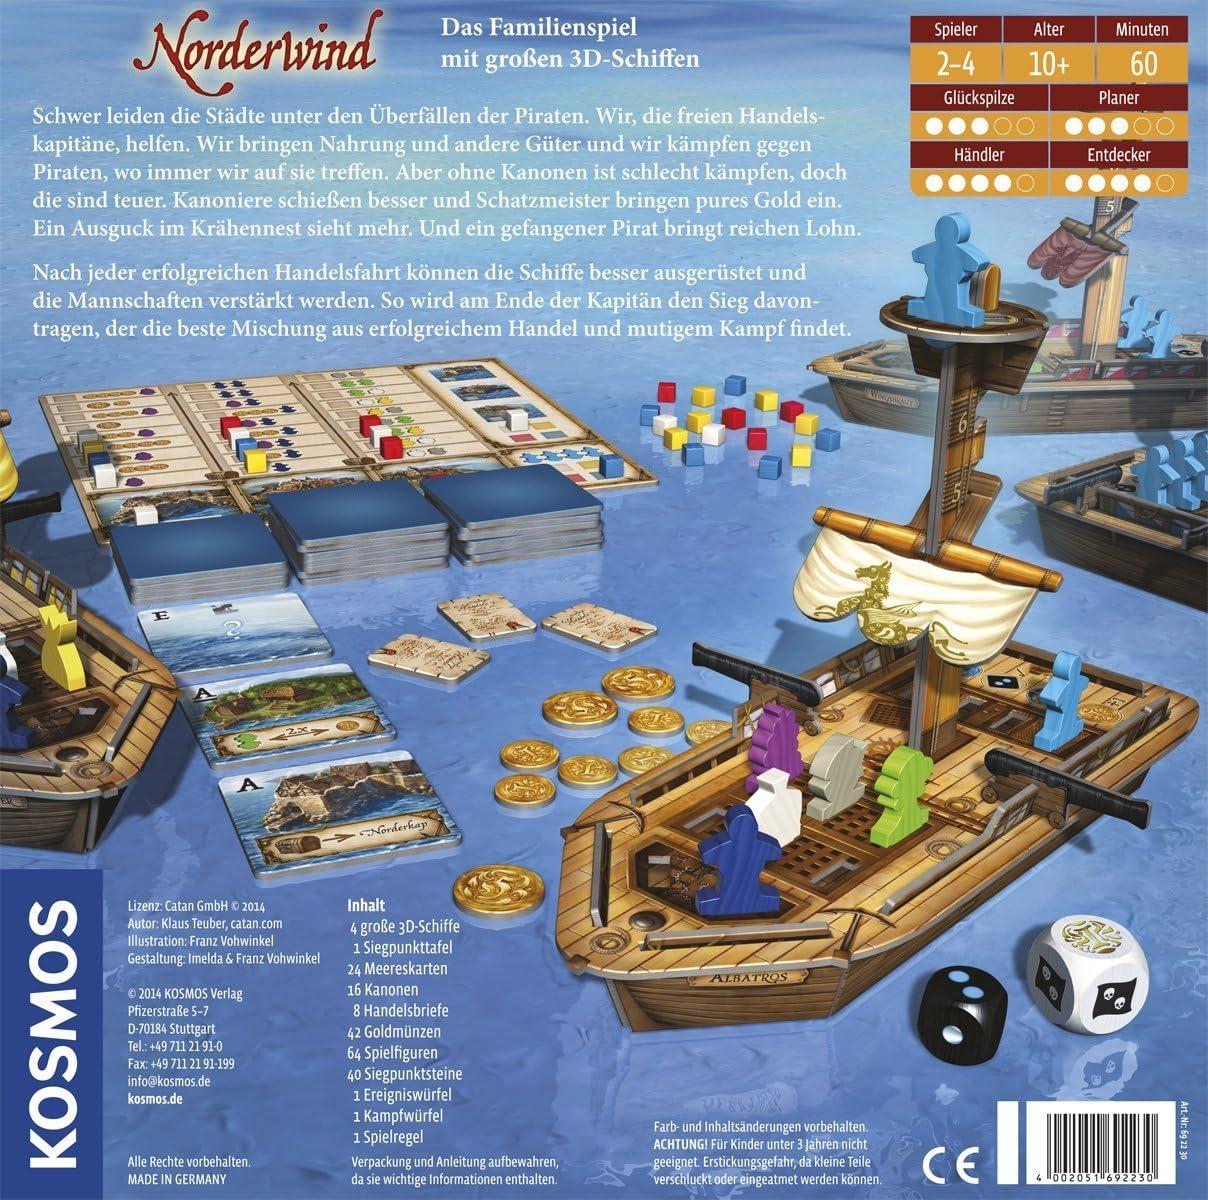 KOSMOS Norderwind Niños y Adultos Viajes/Aventuras - Juego de Tablero (Viajes/Aventuras, Niños y Adultos, 60 min, Niño/niña, 10 año(s)): Amazon.es: Juguetes y juegos